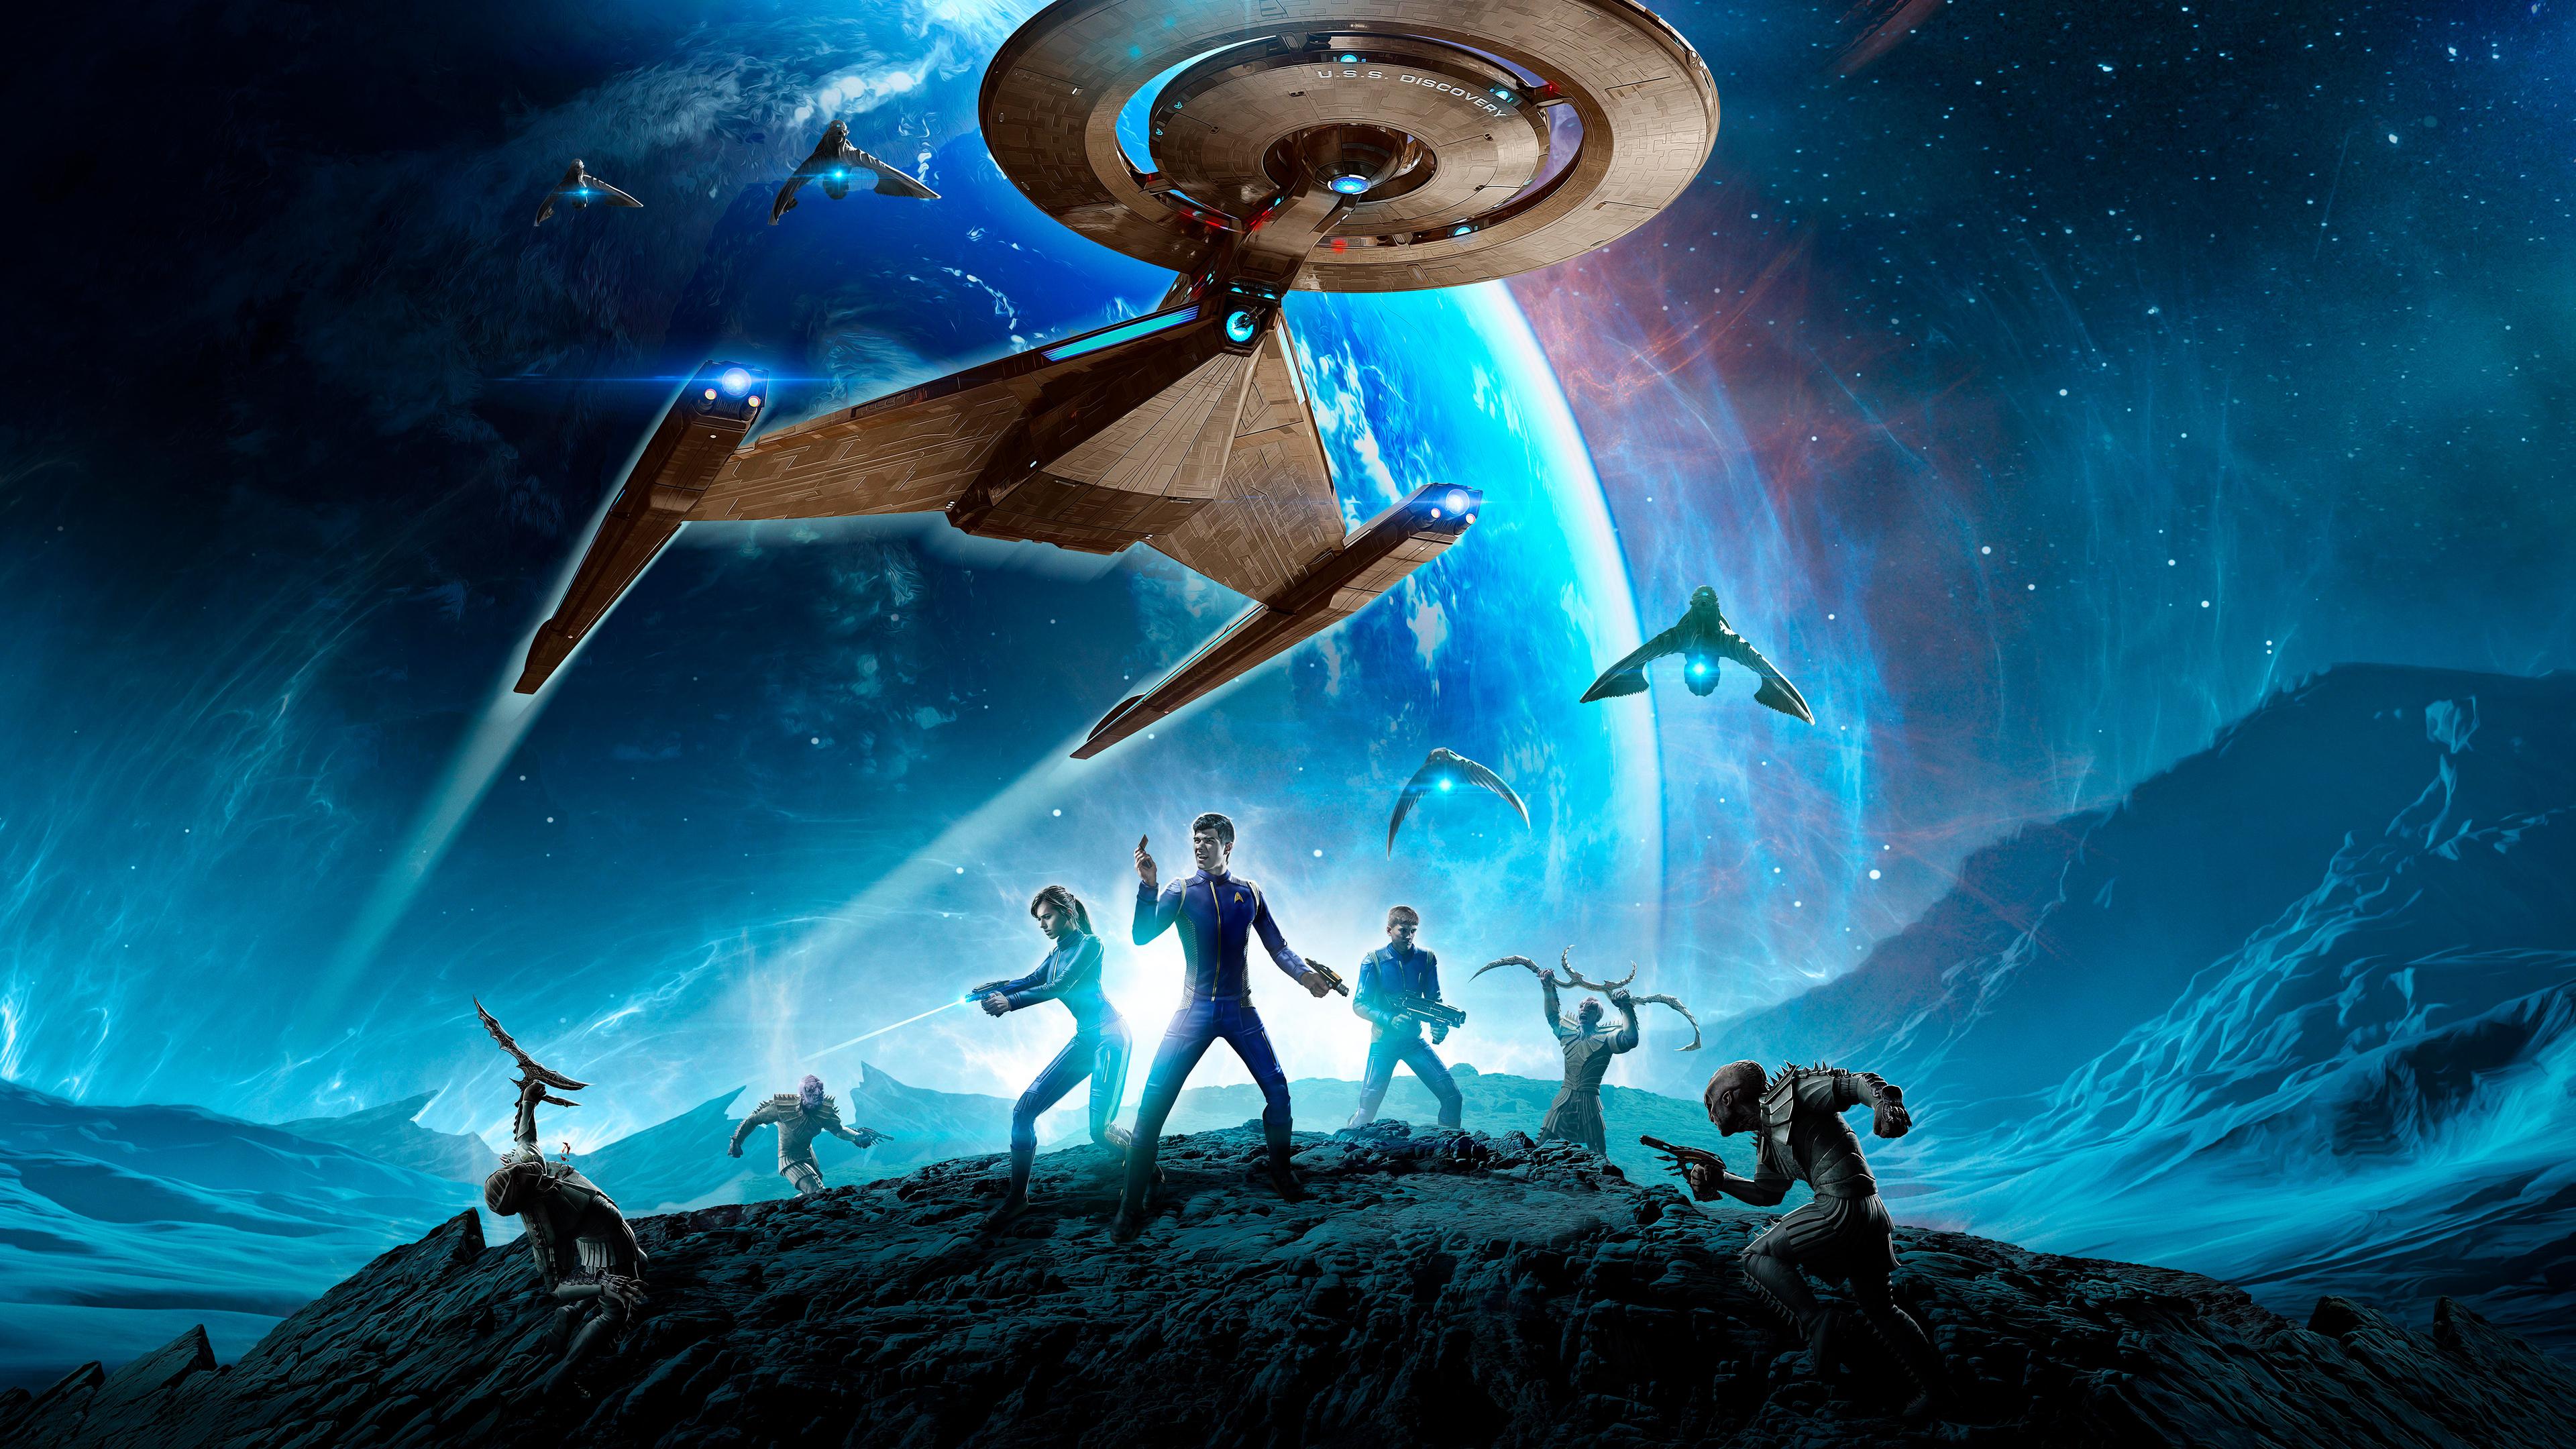 Wallpaper 4k Star Trek Online Video Game 4k Wallpapers - Star Trek Online Mirror Of Discovery , HD Wallpaper & Backgrounds